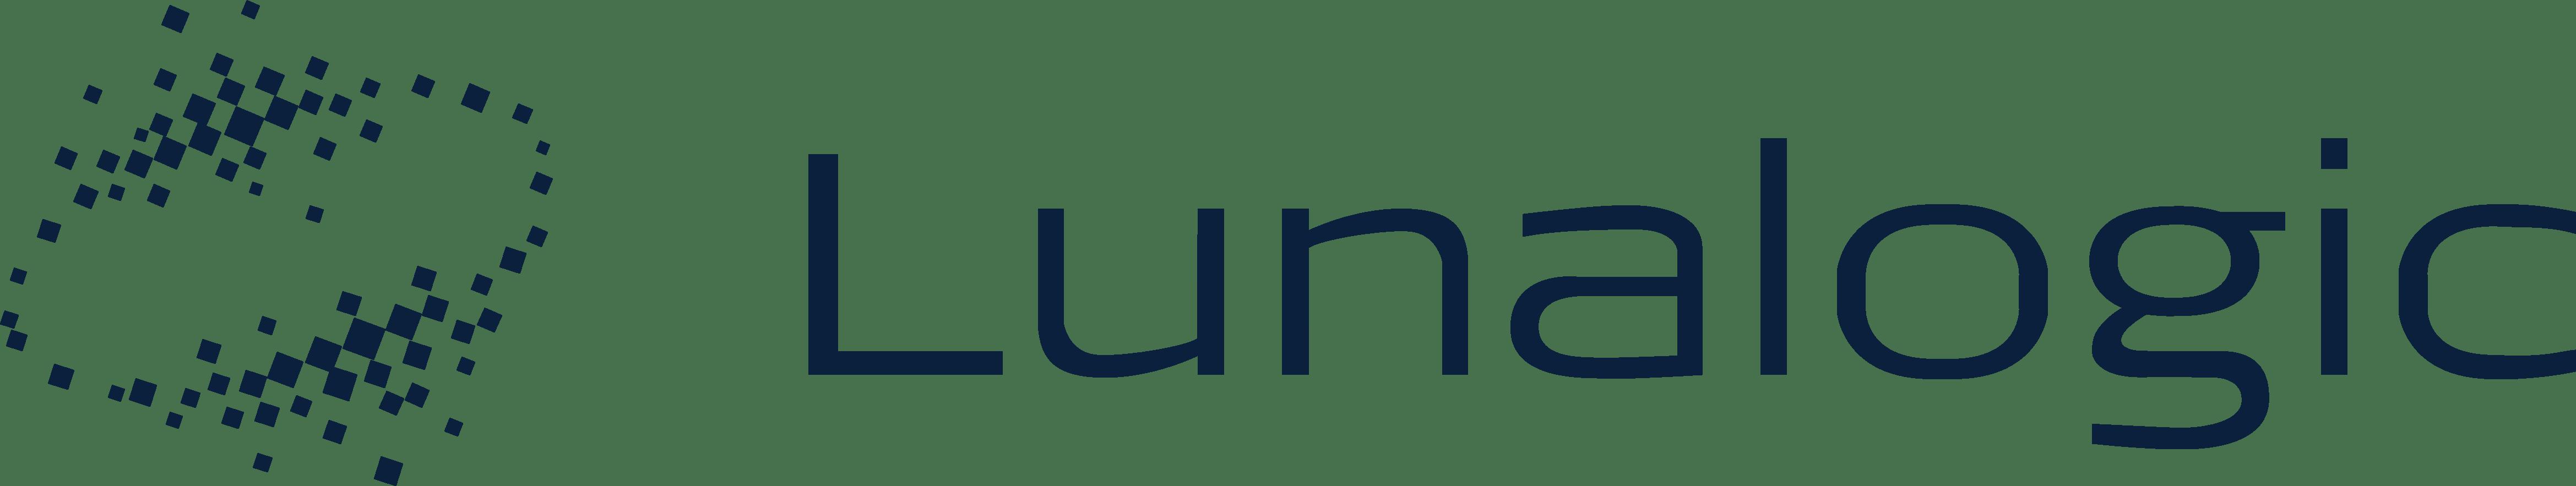 Lunalogic logo